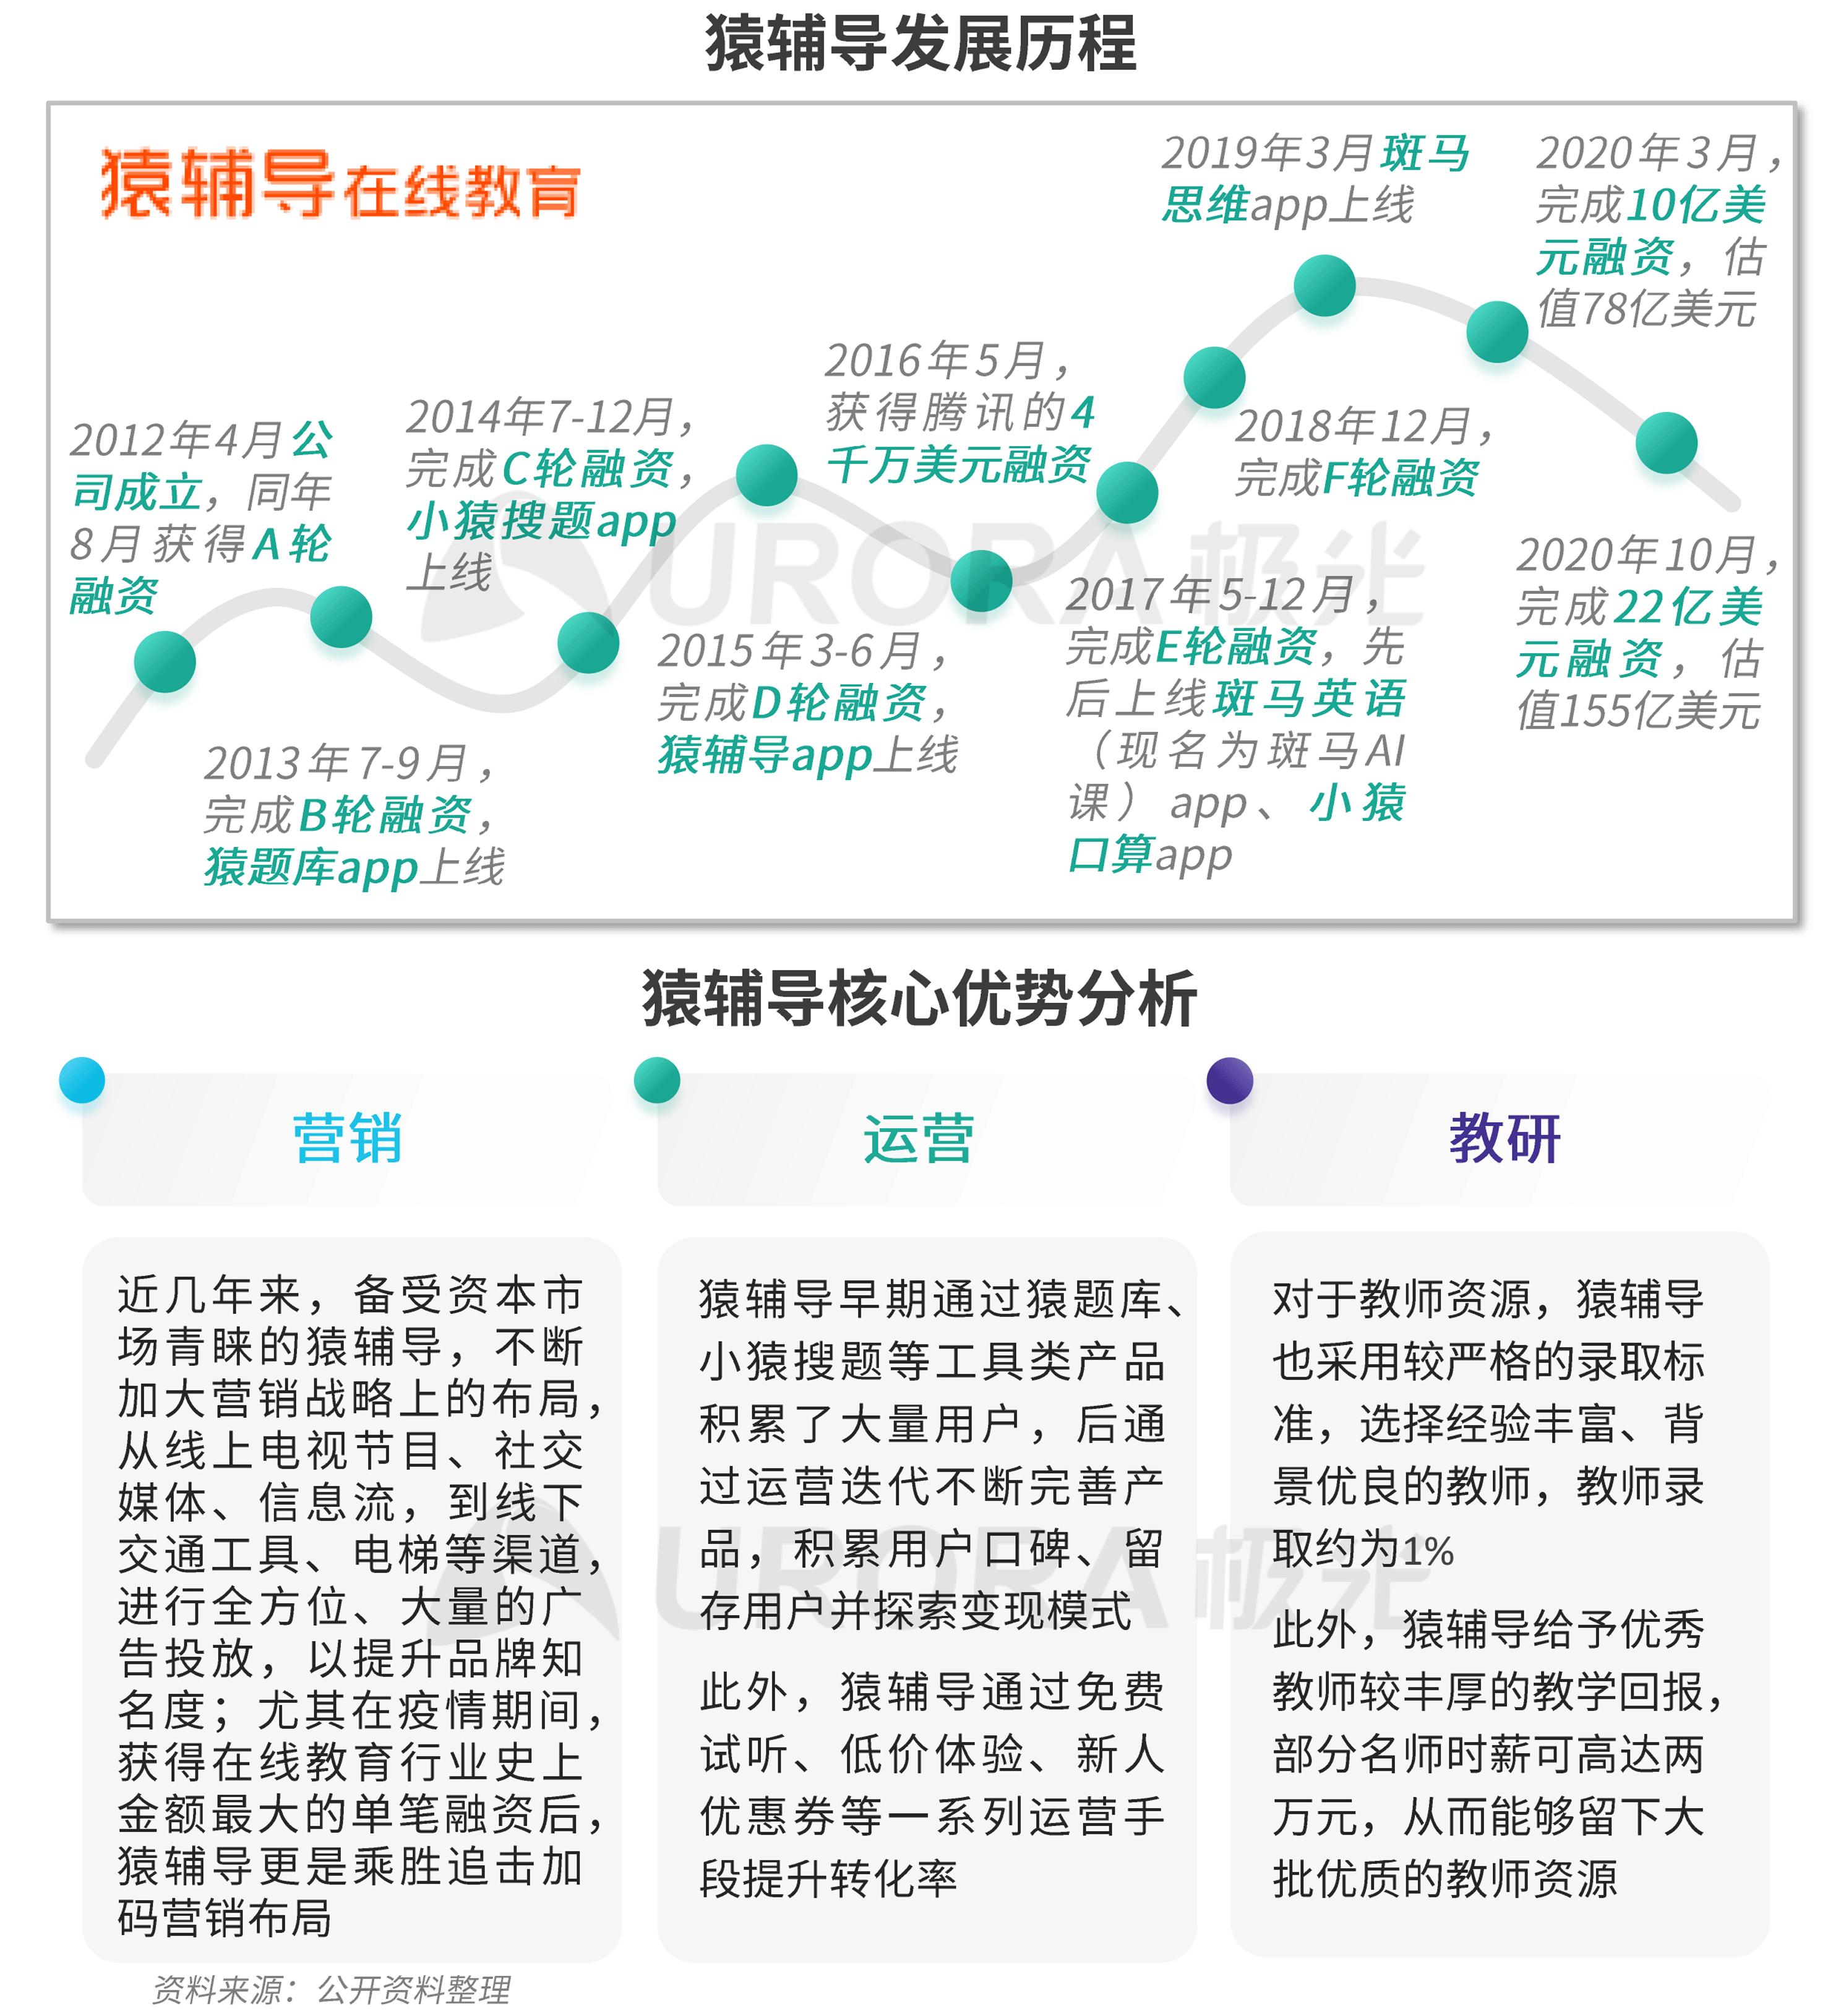 极光:K12教育报告 (16).png